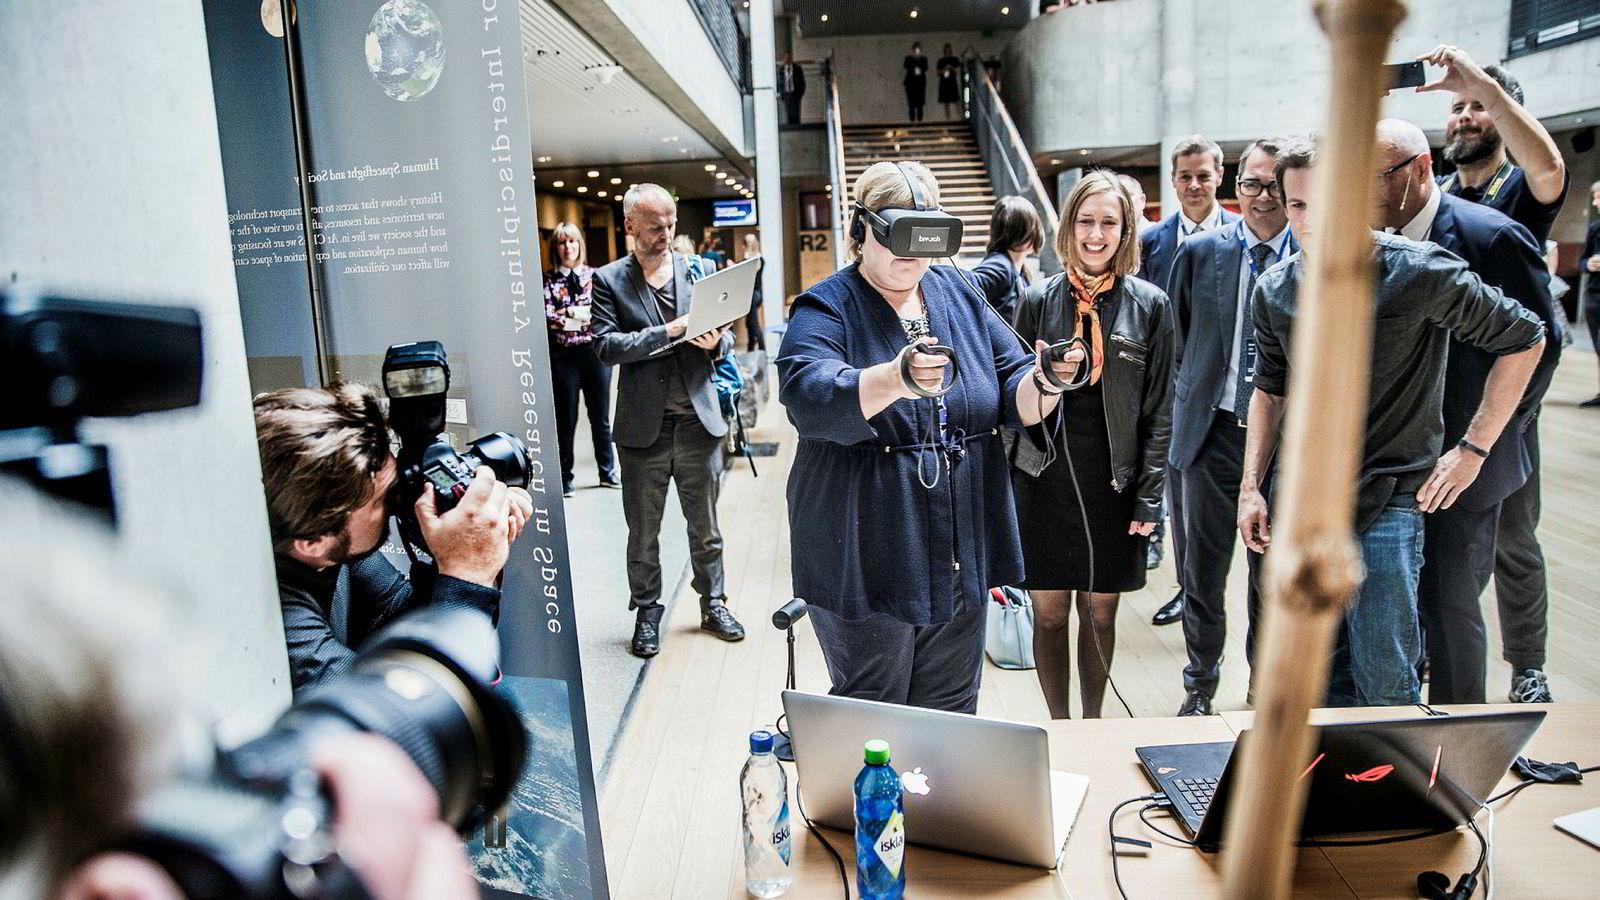 Erna Solberg prøver VR-biller og spiller virtuell tennis på NTNU.